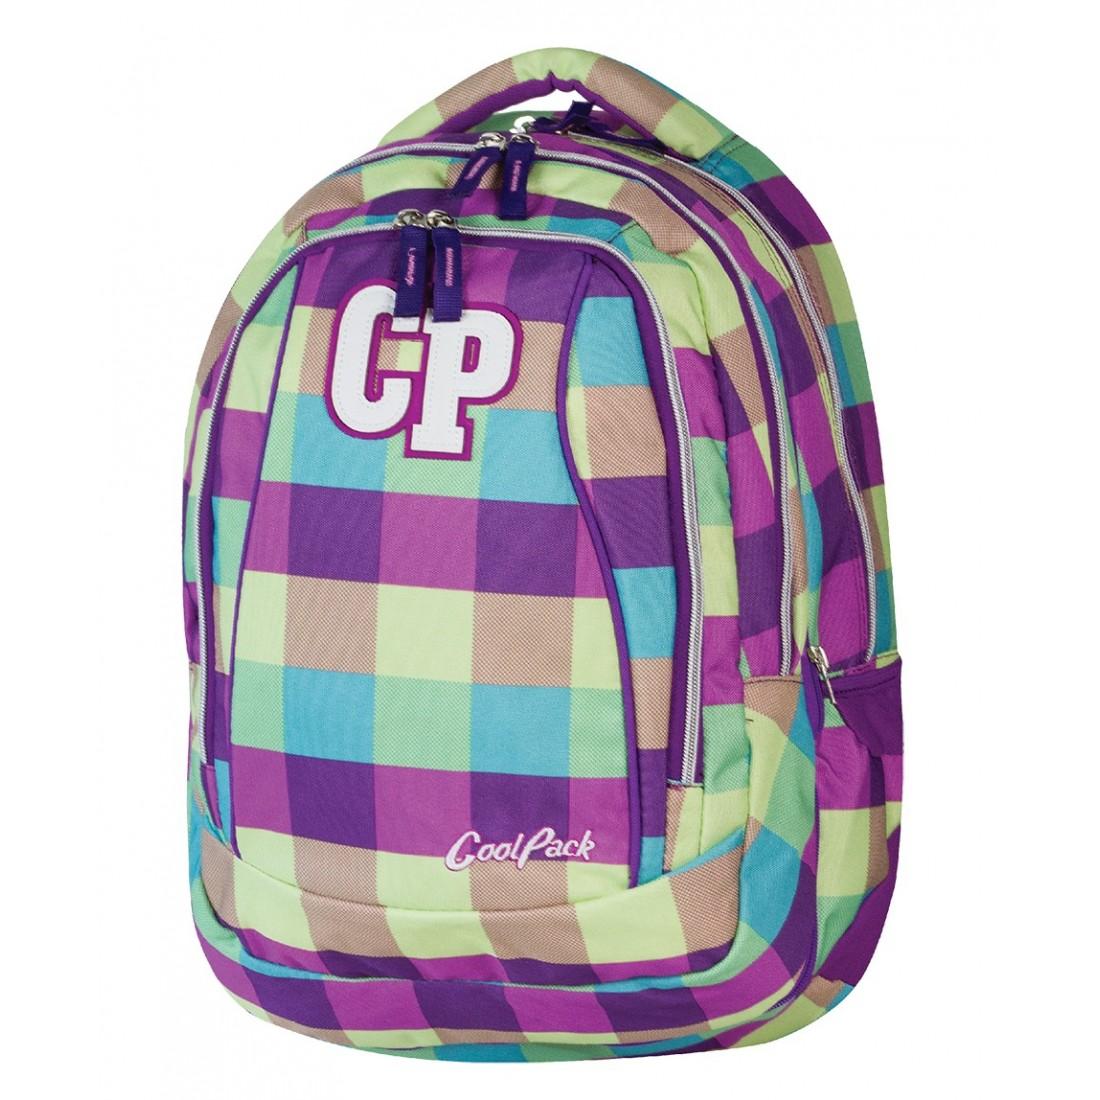 Plecak młodzieżowy CoolPack CP fioletowy w kratkę - 2w1 COMBO PURPLE PASTEL 482 - plecak-tornister.pl